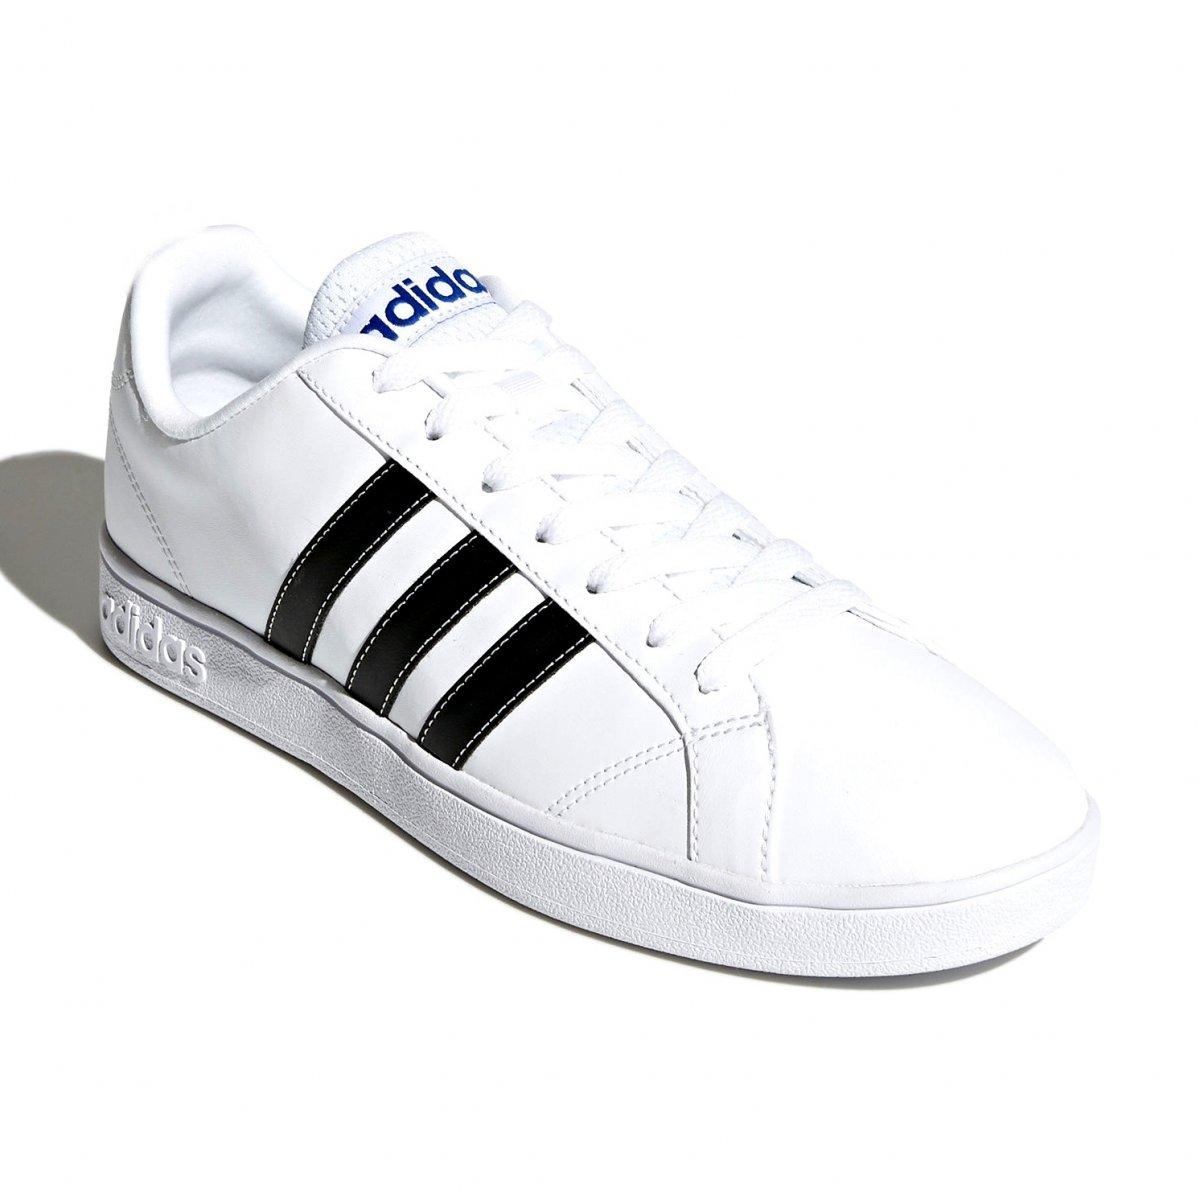 90d434c4f2d Tênis Masculino Adidas VS Advantage F99256 - Branco Preto - Calçados ...